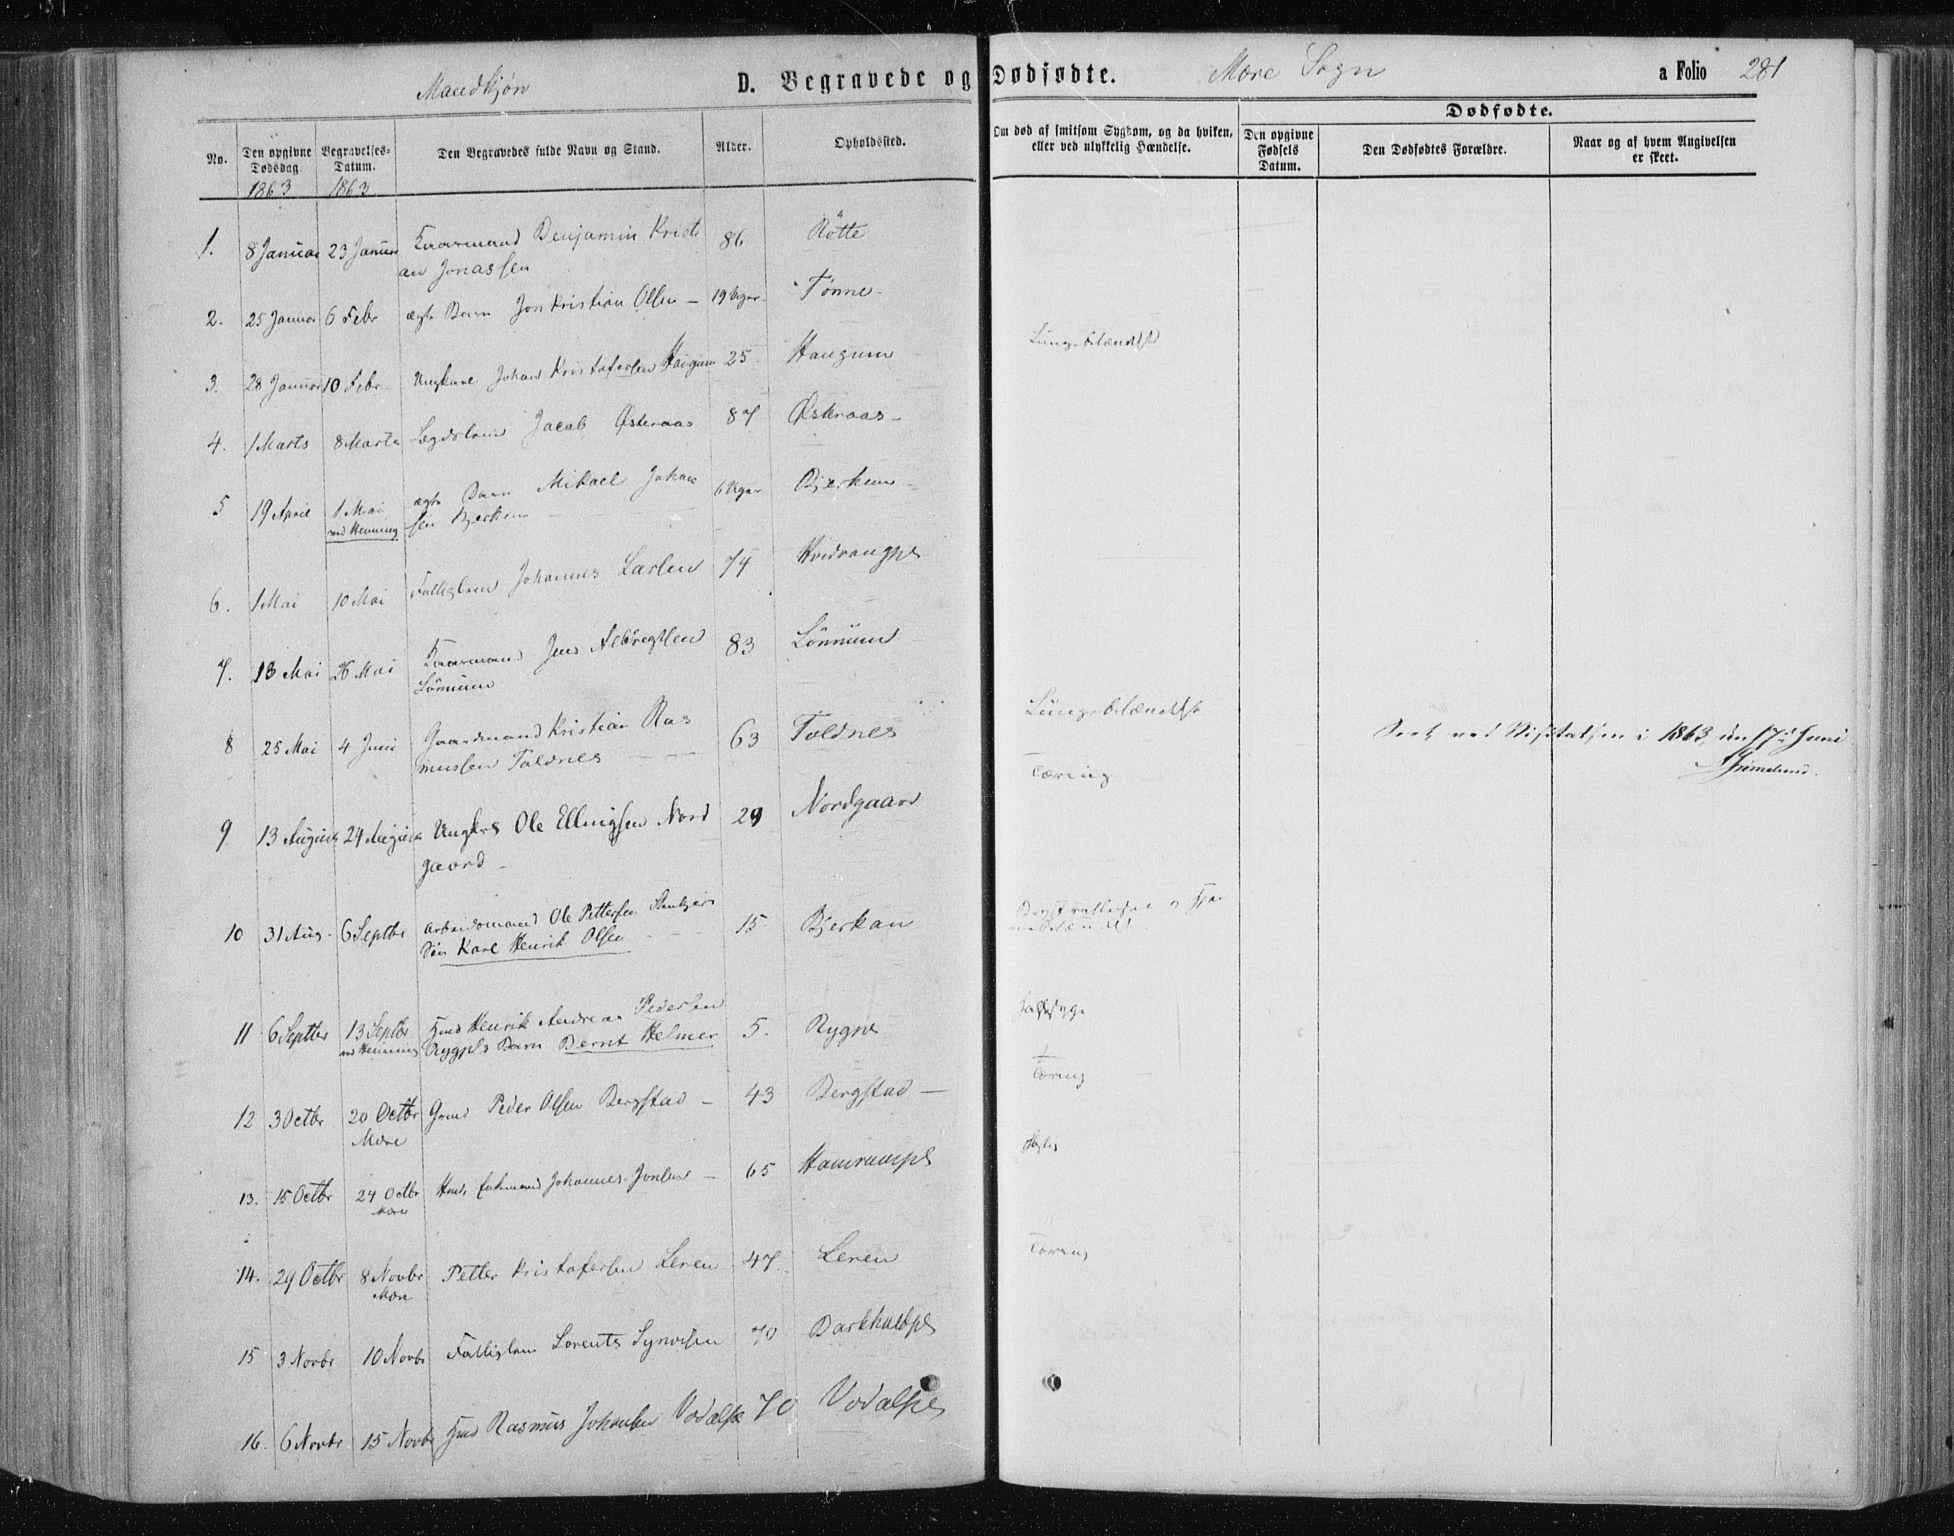 SAT, Ministerialprotokoller, klokkerbøker og fødselsregistre - Nord-Trøndelag, 735/L0345: Ministerialbok nr. 735A08 /1, 1863-1872, s. 281